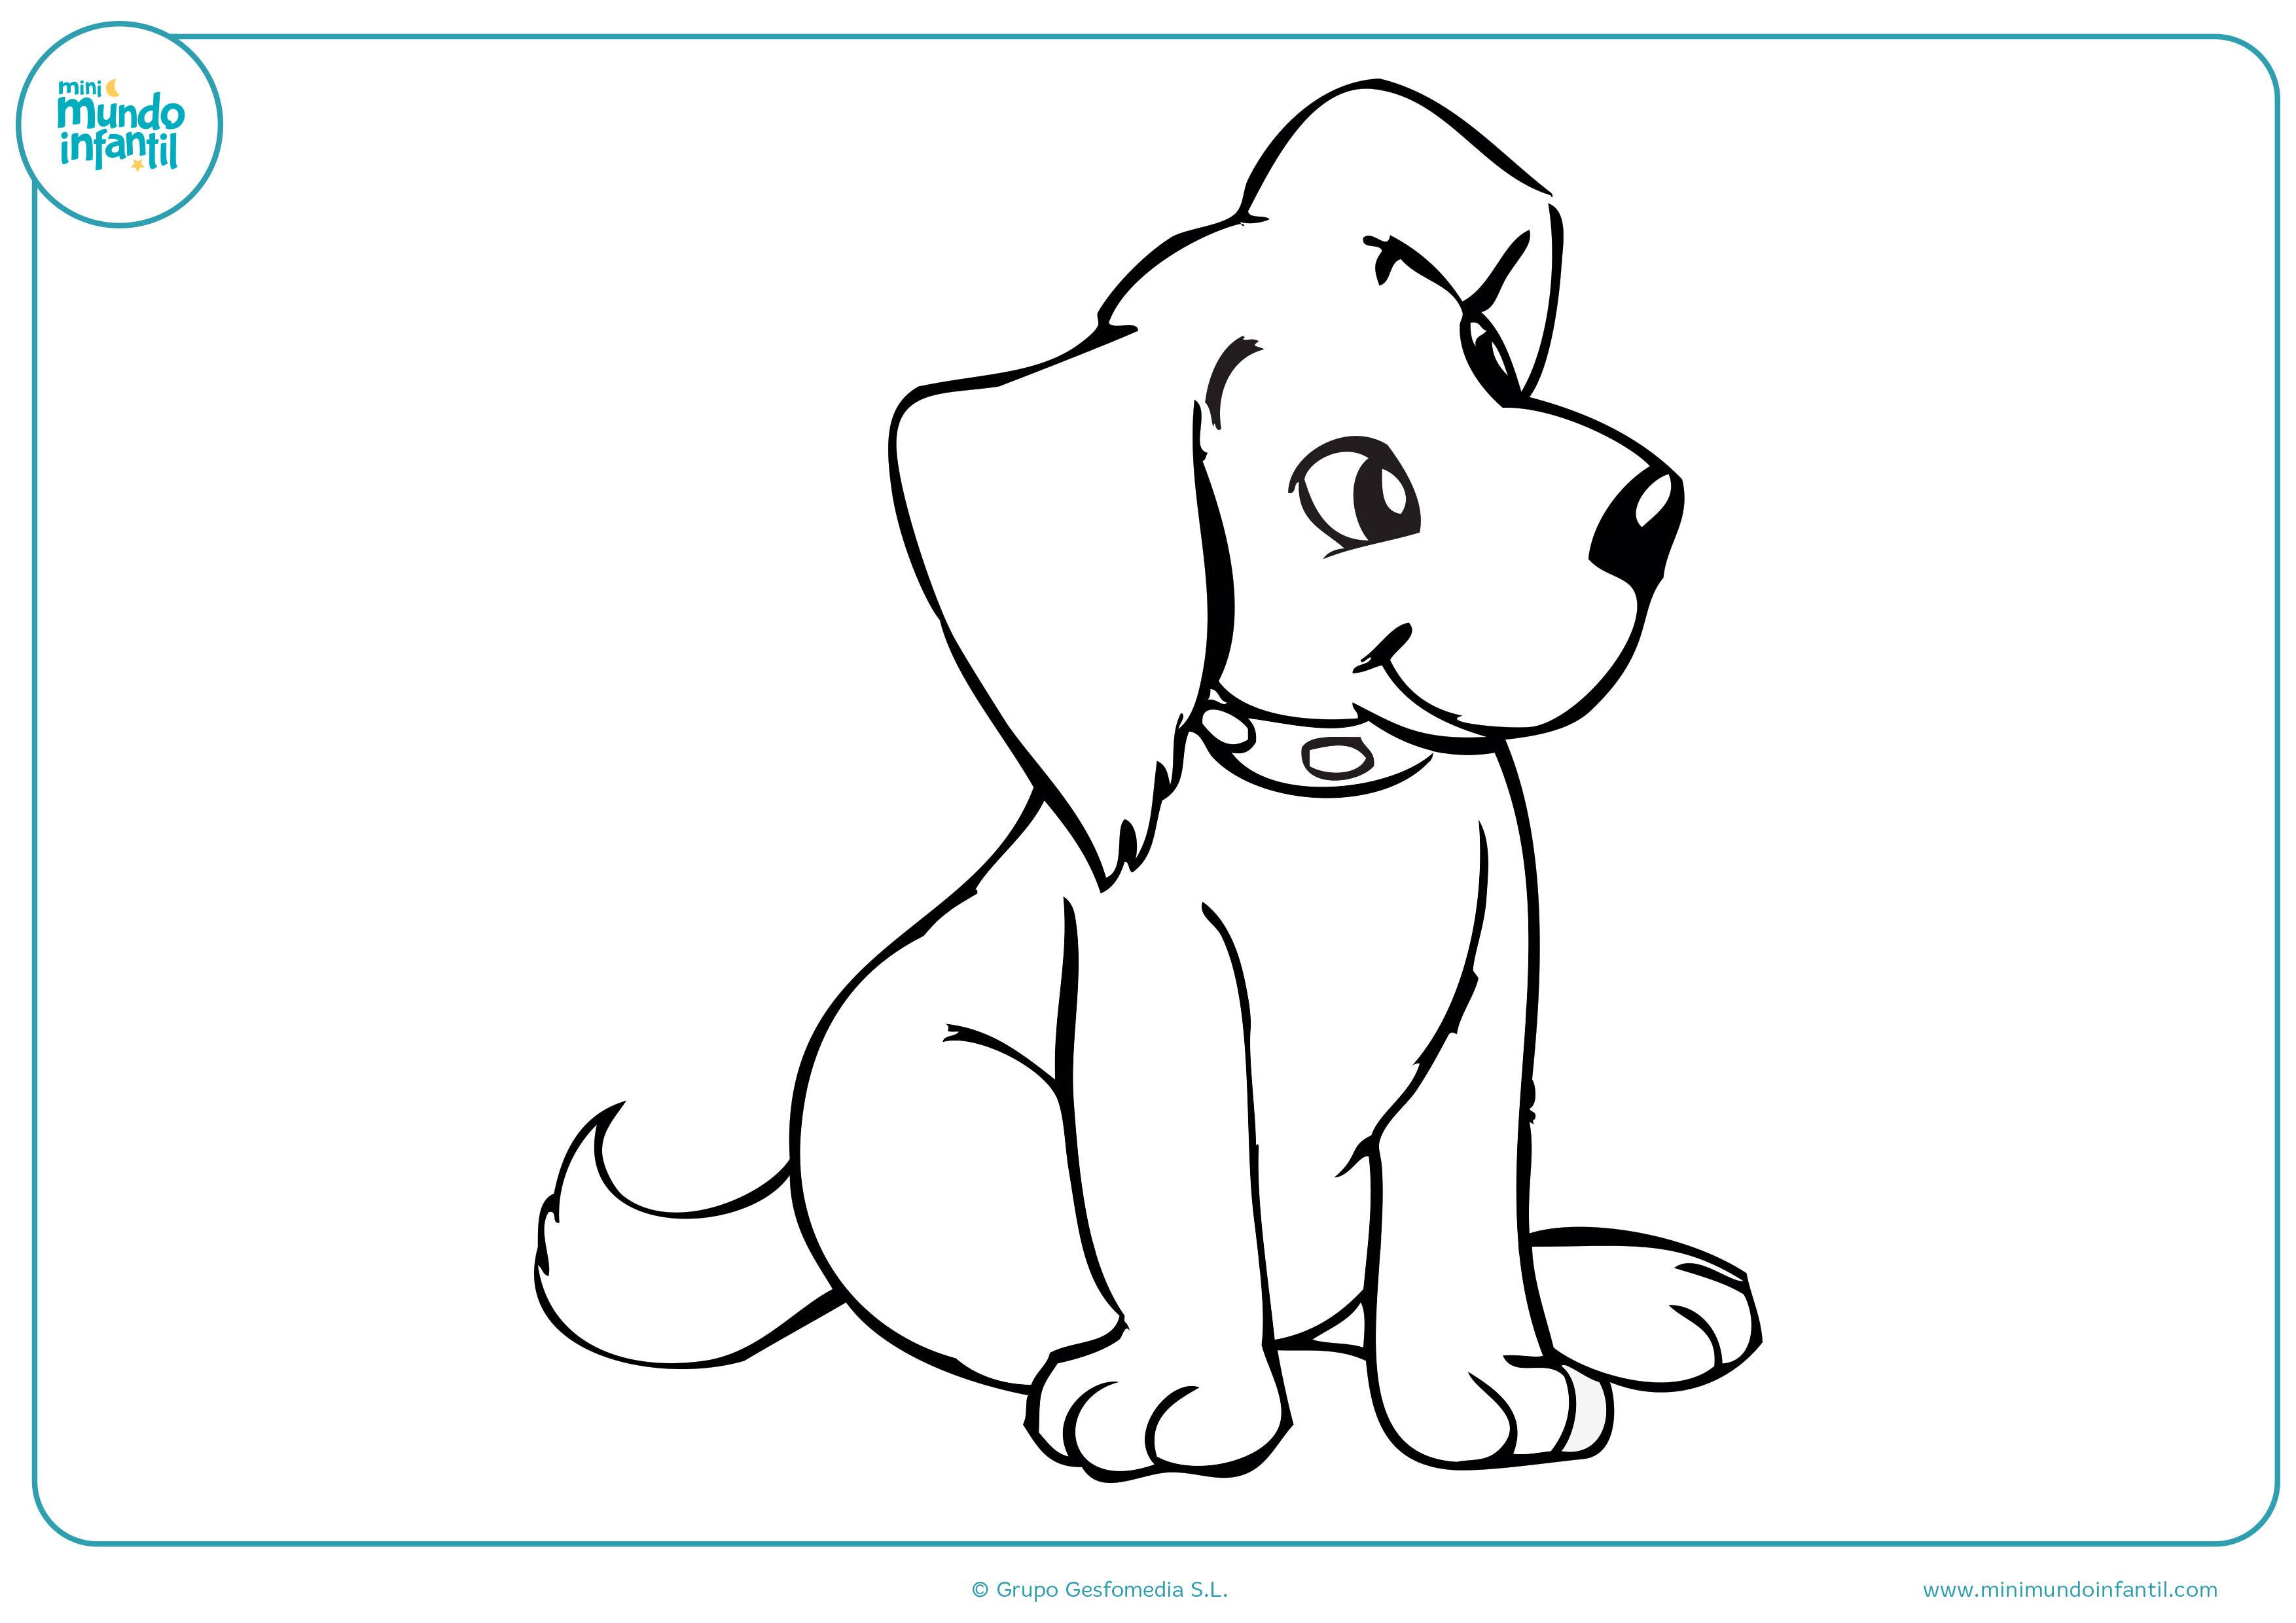 Kawaii Dibujos De Perros Para Pintar Dibujos De Perros Para Colorear A Lapiz Y Faciles Dibujos